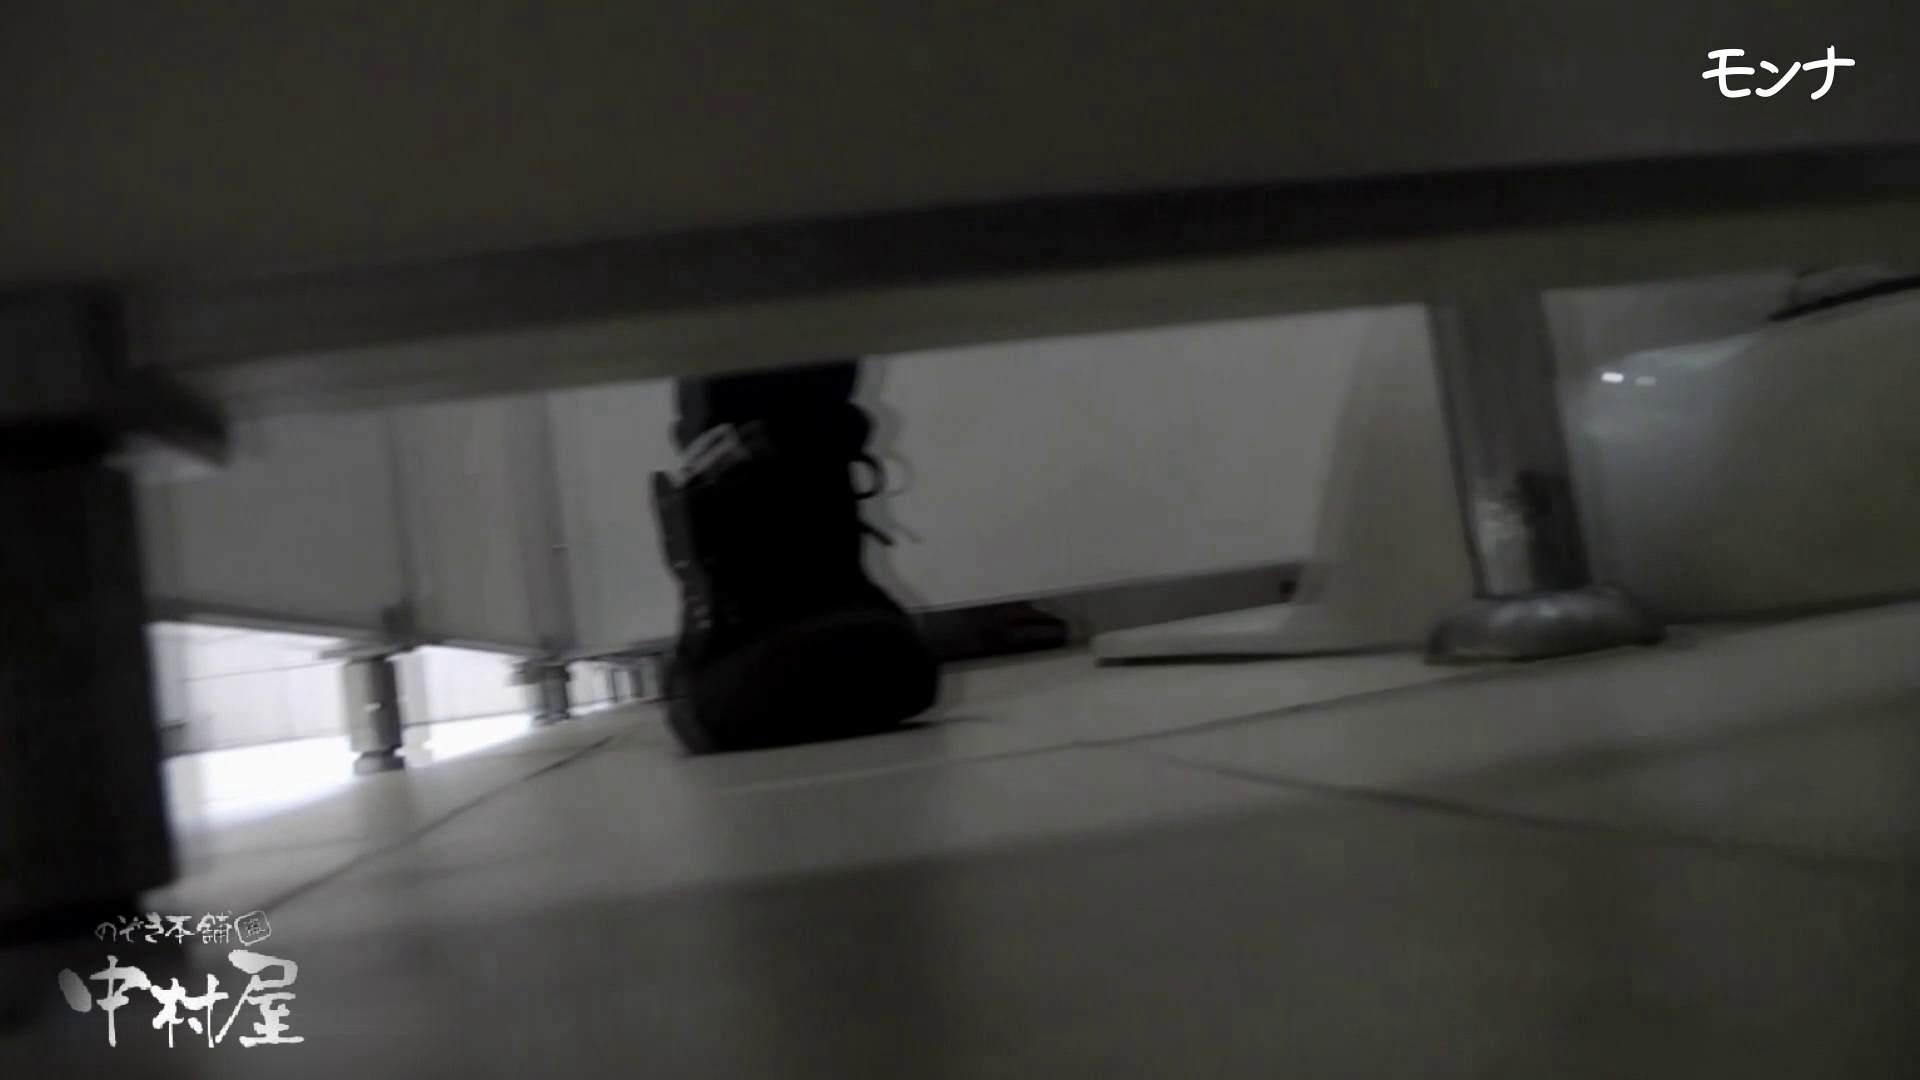 【美しい日本の未来】美しい日本の未来 No.70 若さゆえの美しい丸み 無修正マンコ オマンコ無修正動画無料 81連発 53